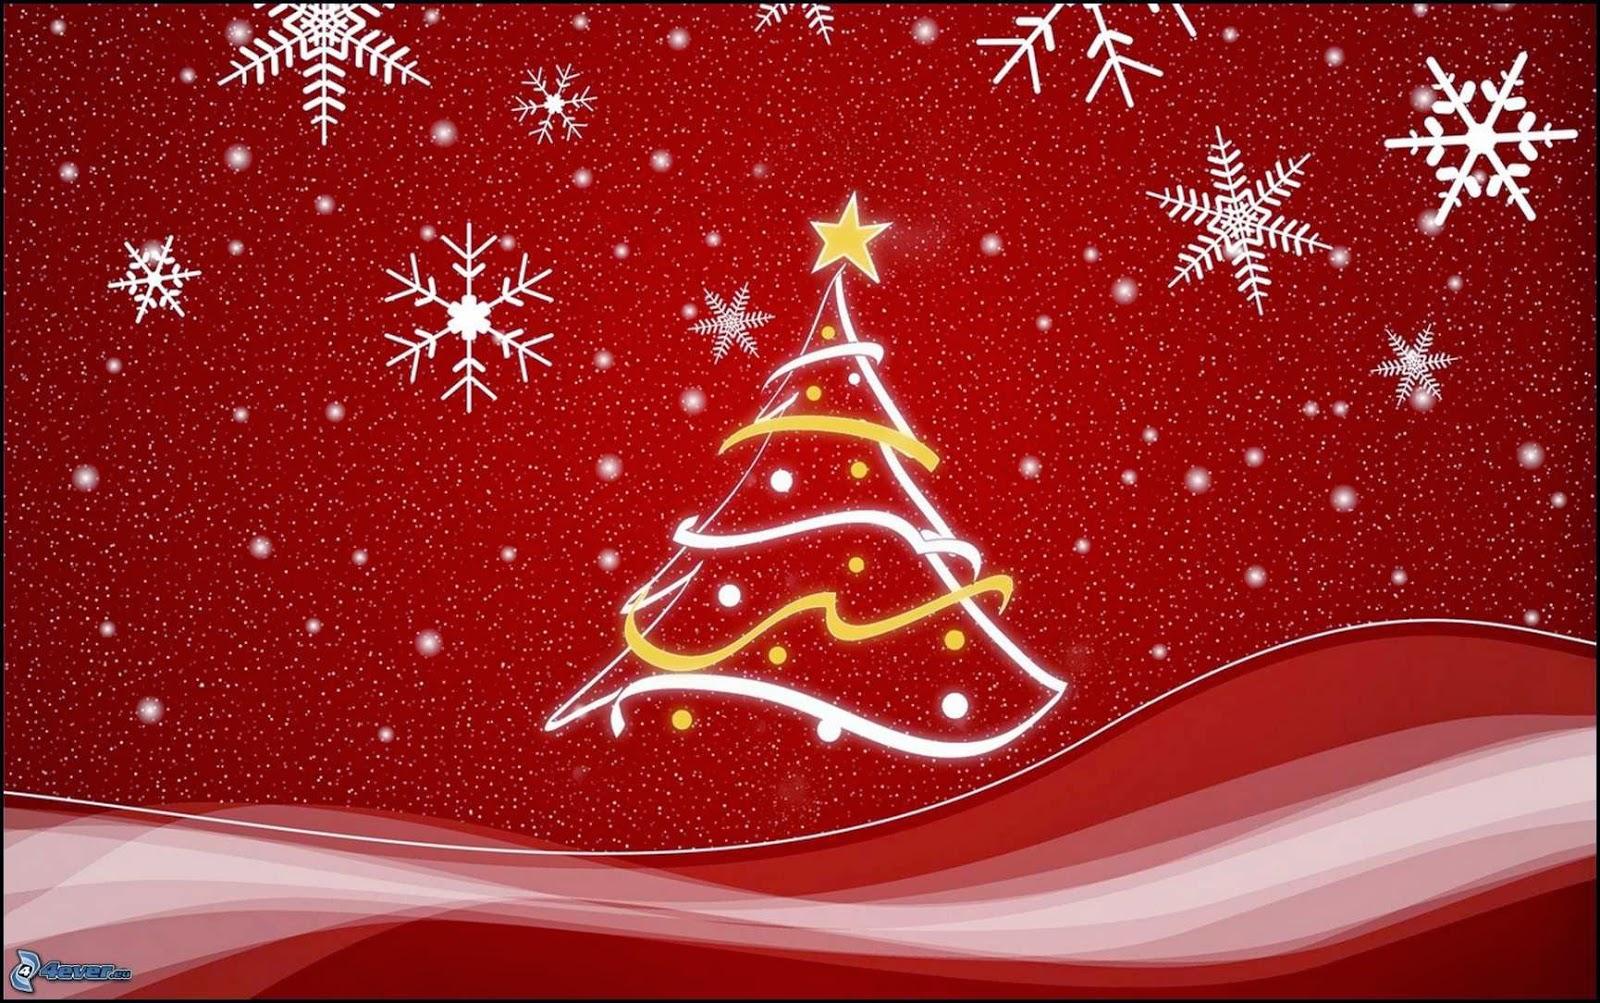 Imágenes adorables de Navidad